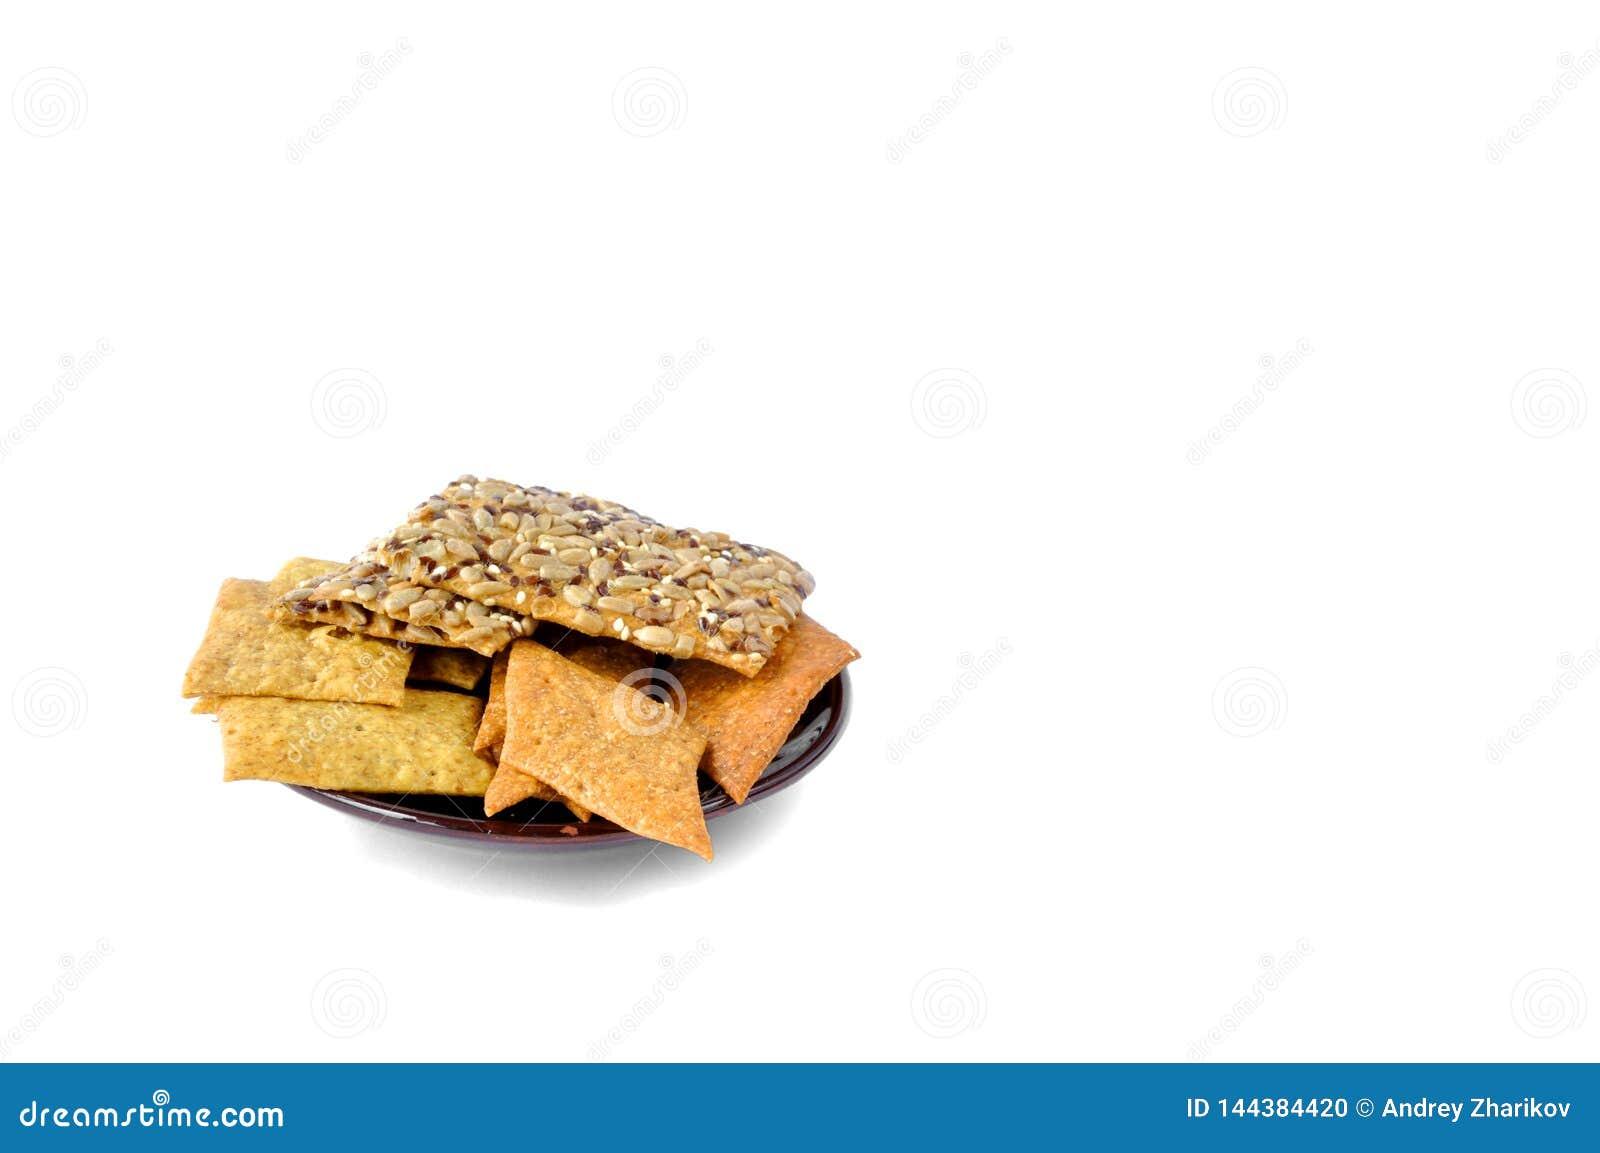 Μπισκότα με τους σπόρους σε ένα πιάτο σε ένα άσπρο υπόβαθρο